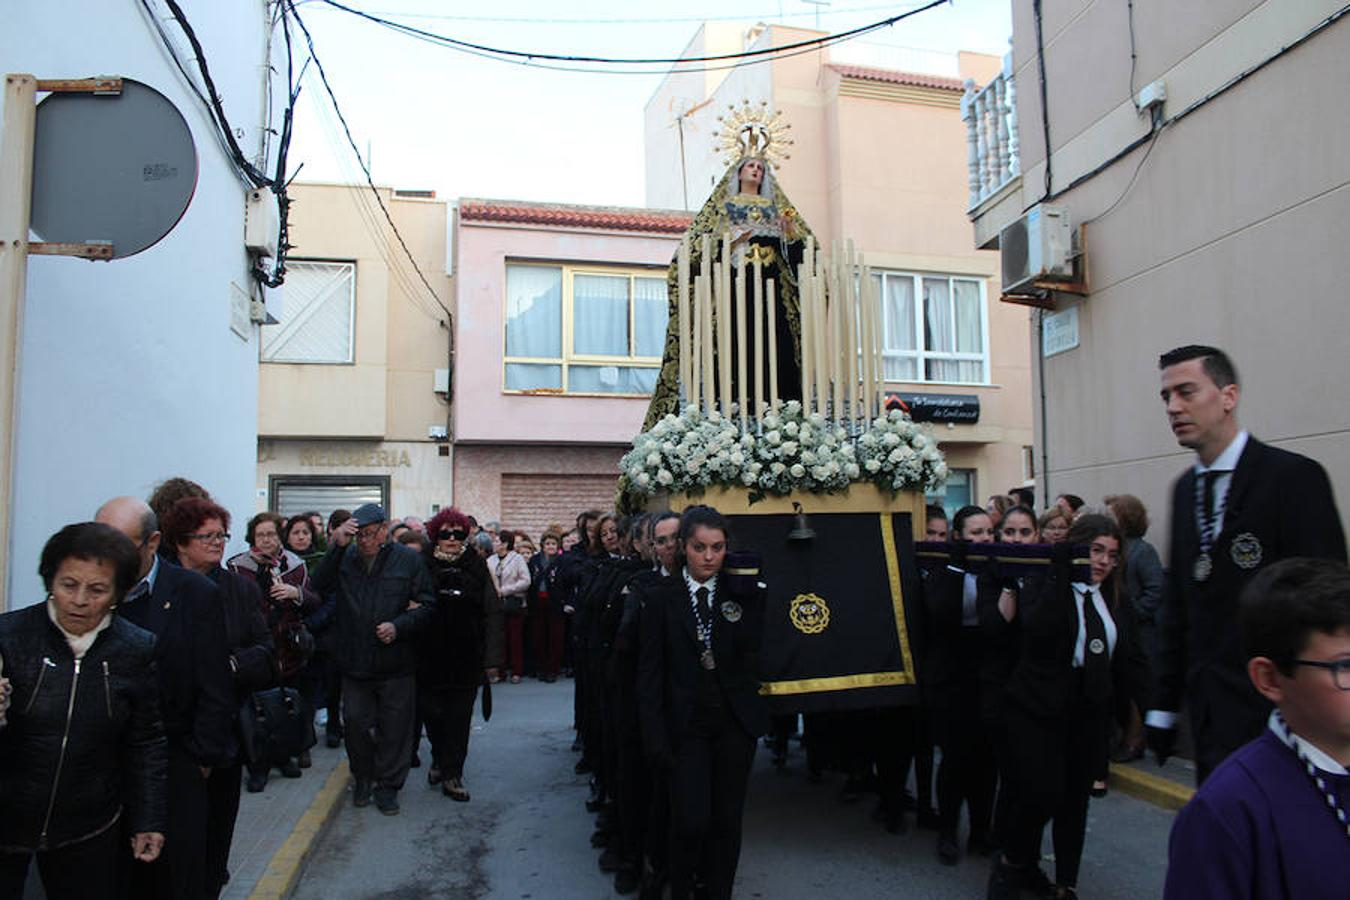 Procesión de Nuestro Padre Jesús Nazareno y Nuestra Señora de los Dolores en Balerma el Jueves Santo